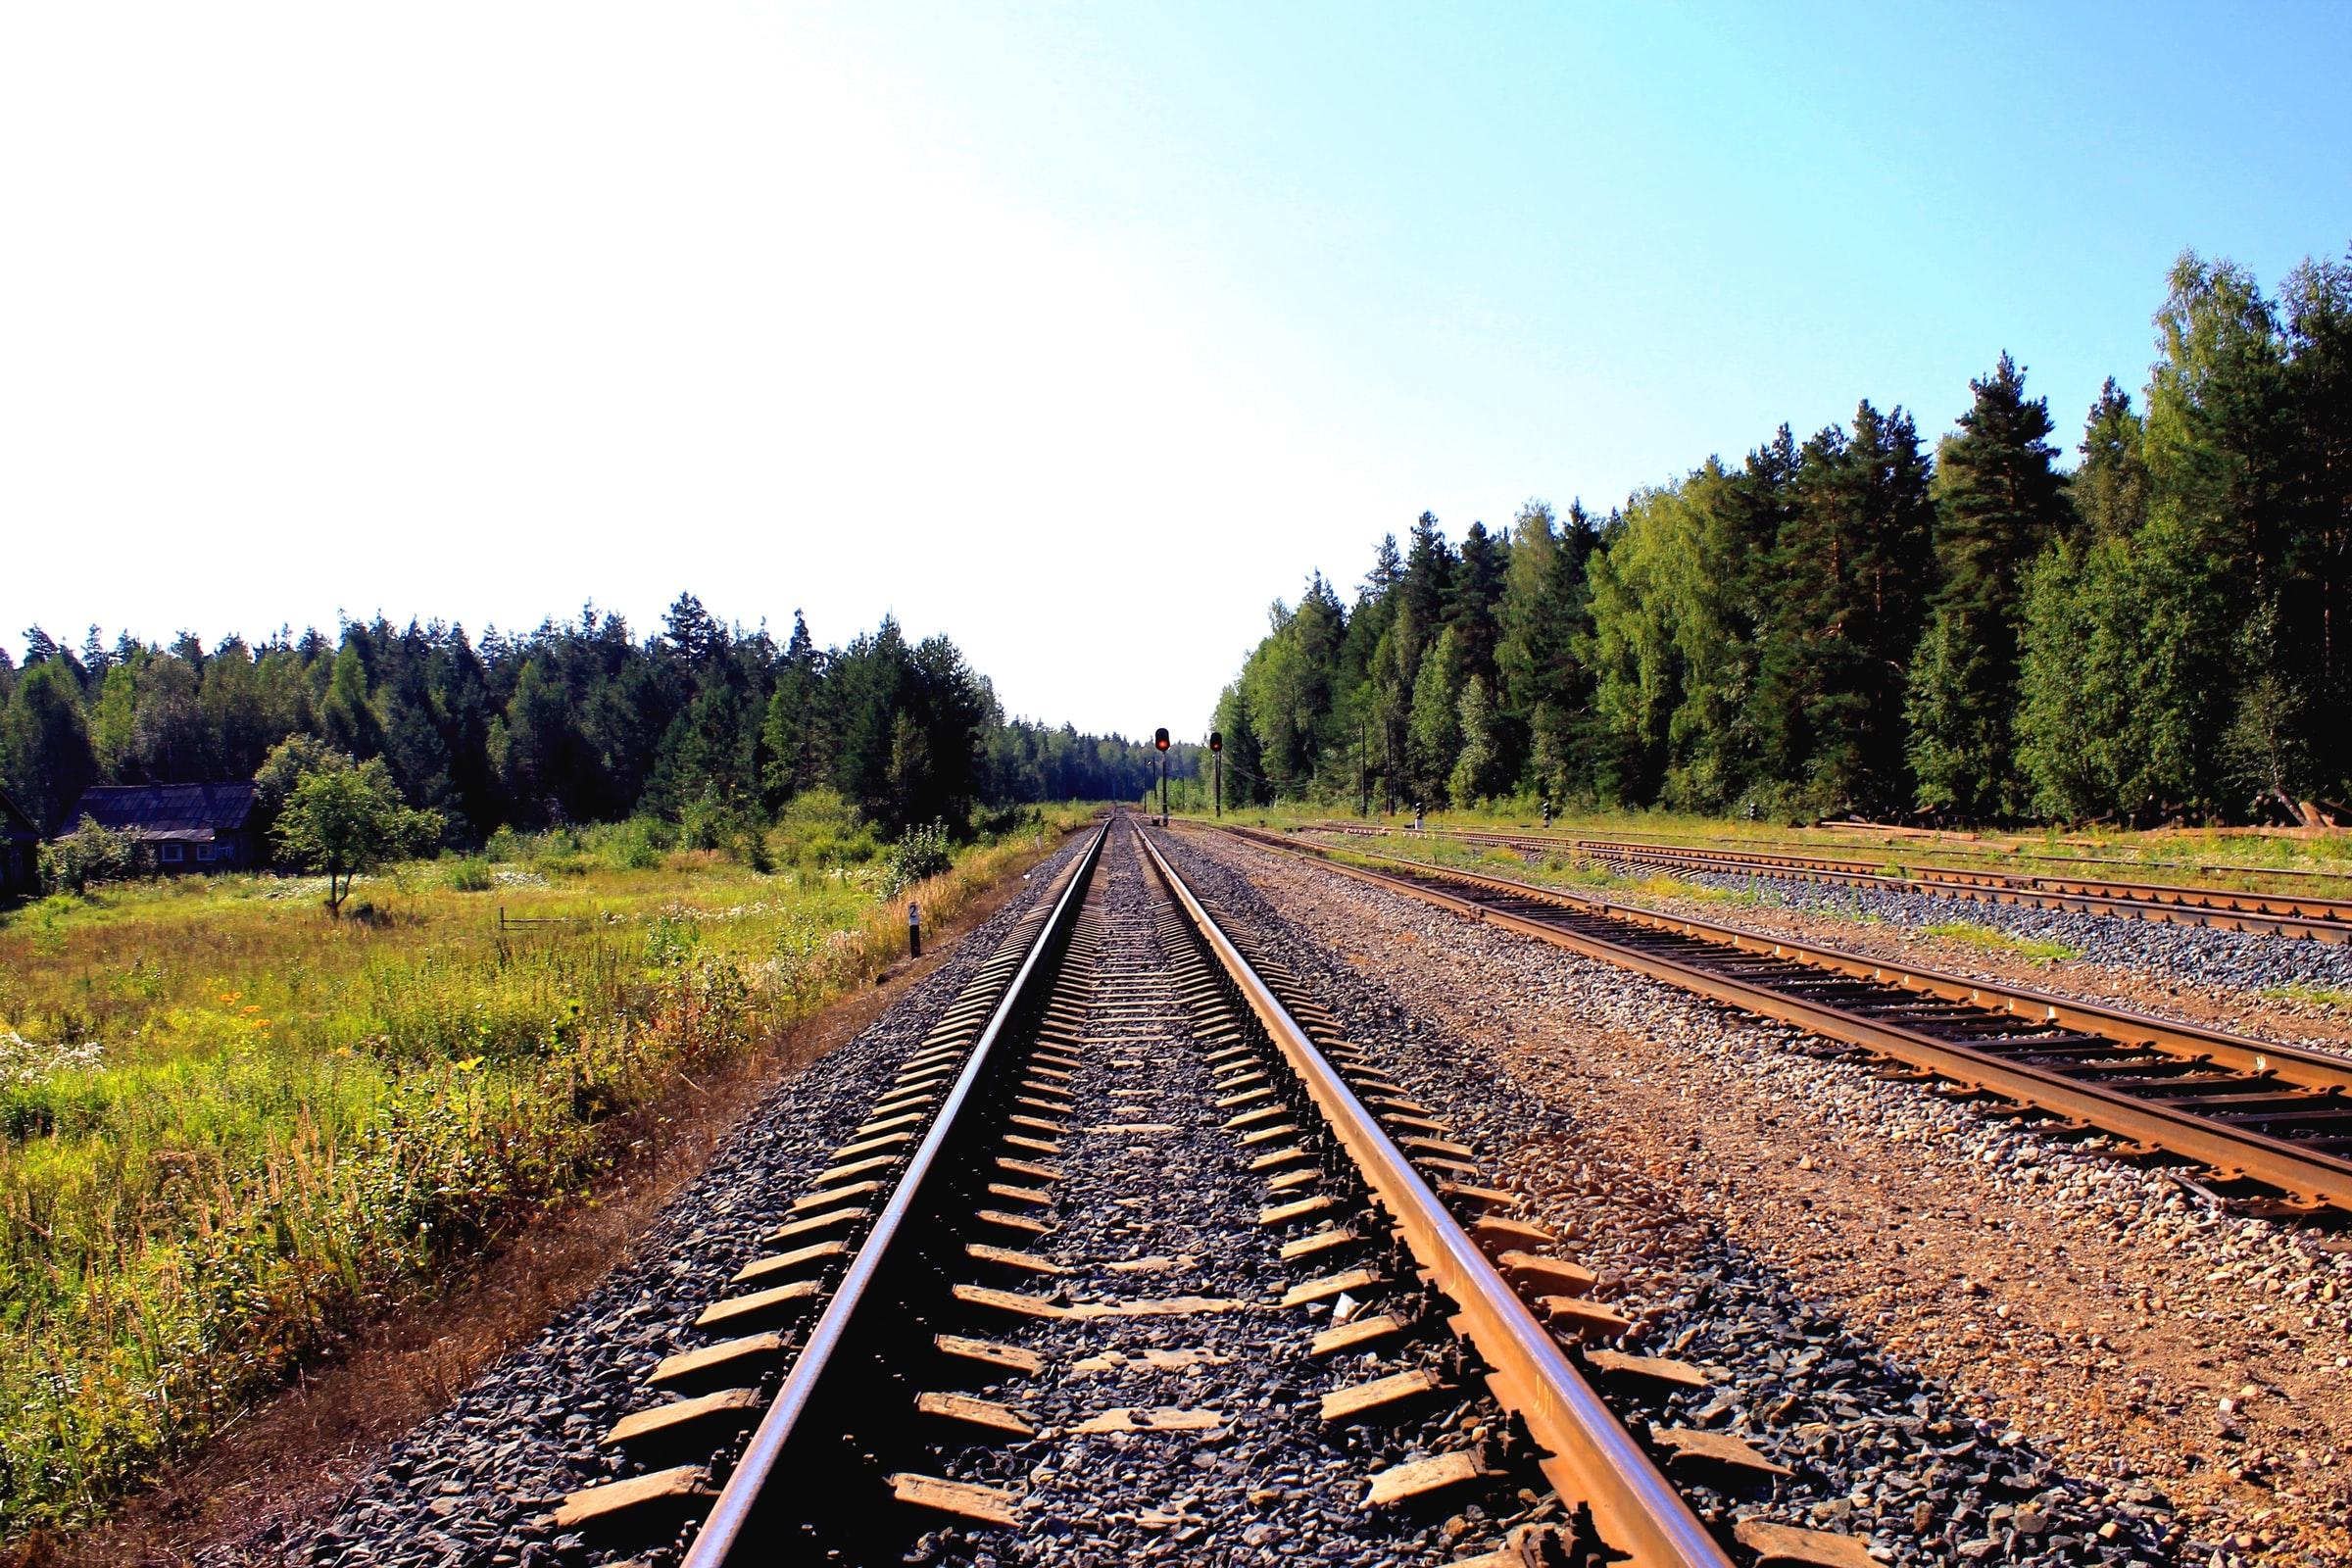 Umweltfreundliche Transportmittel - Gleise